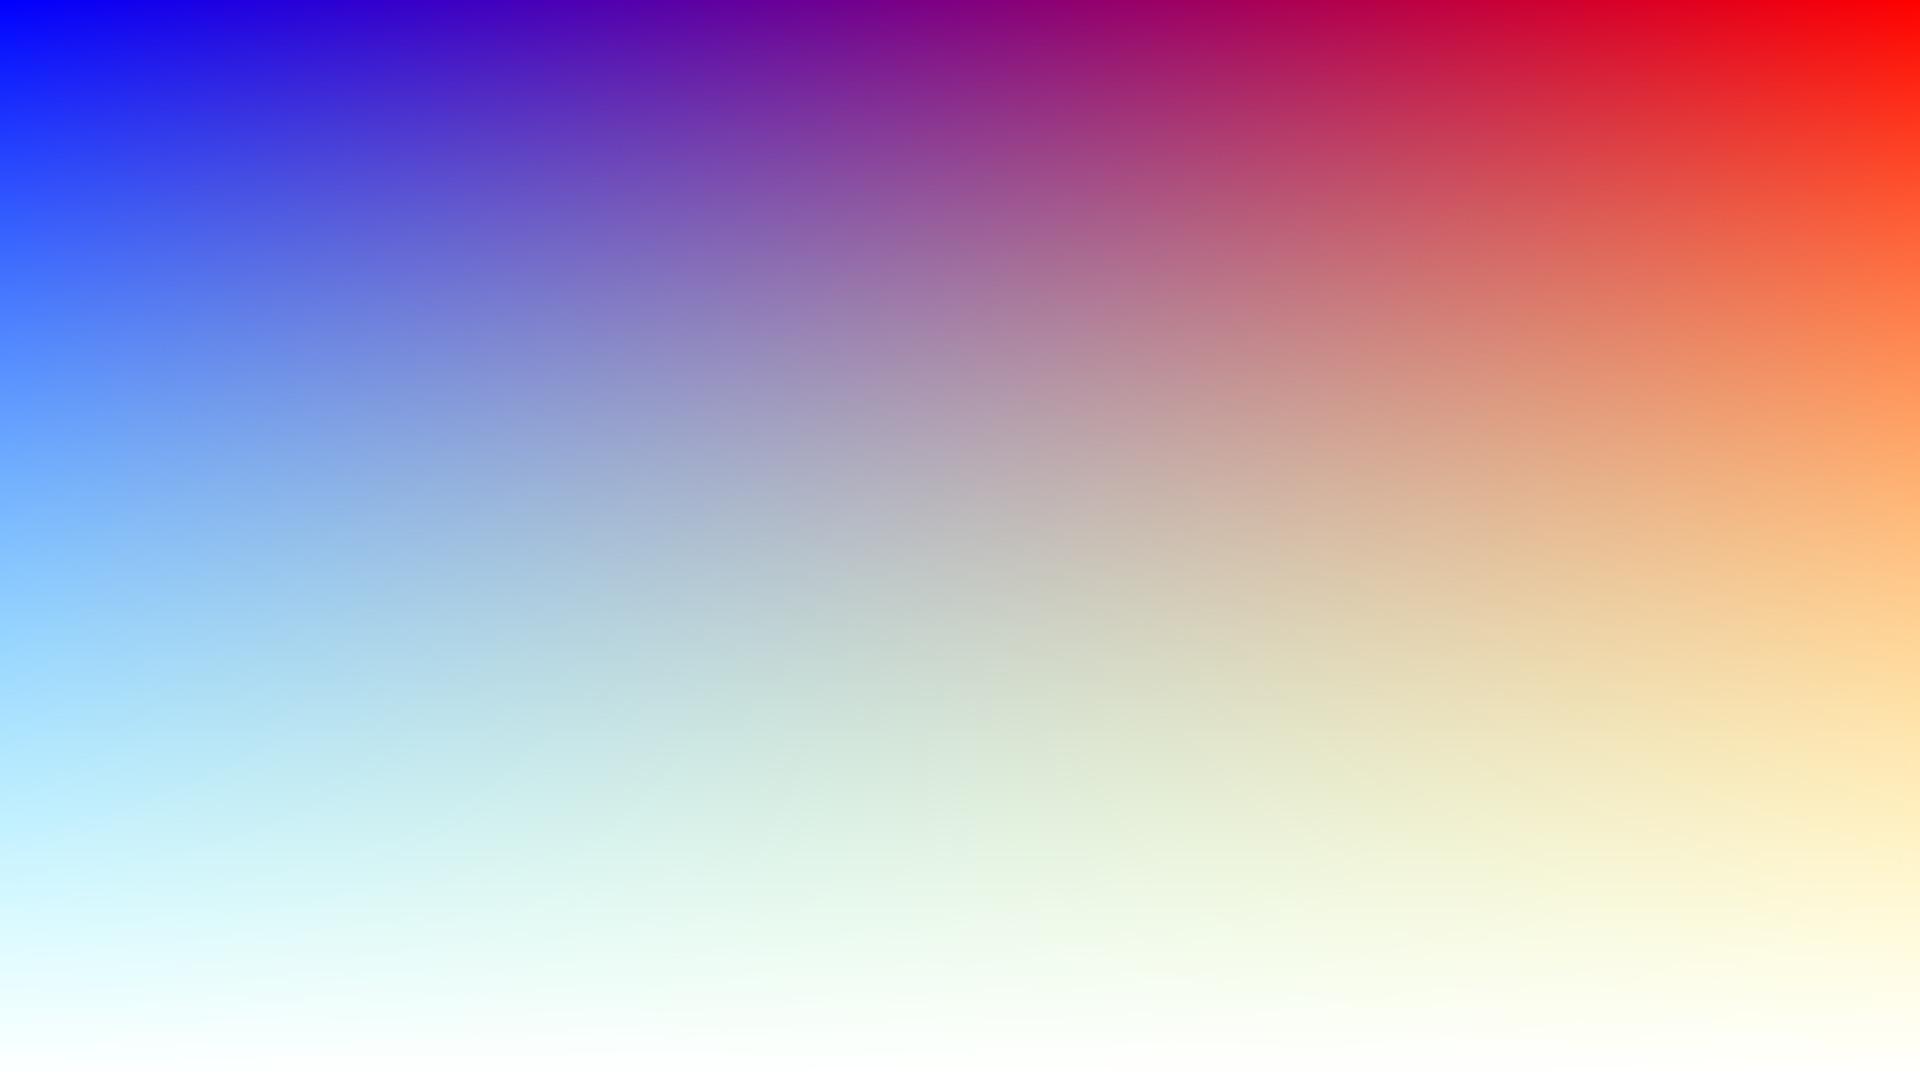 Res: 1920x1080, 16 Bit Png wallpaper